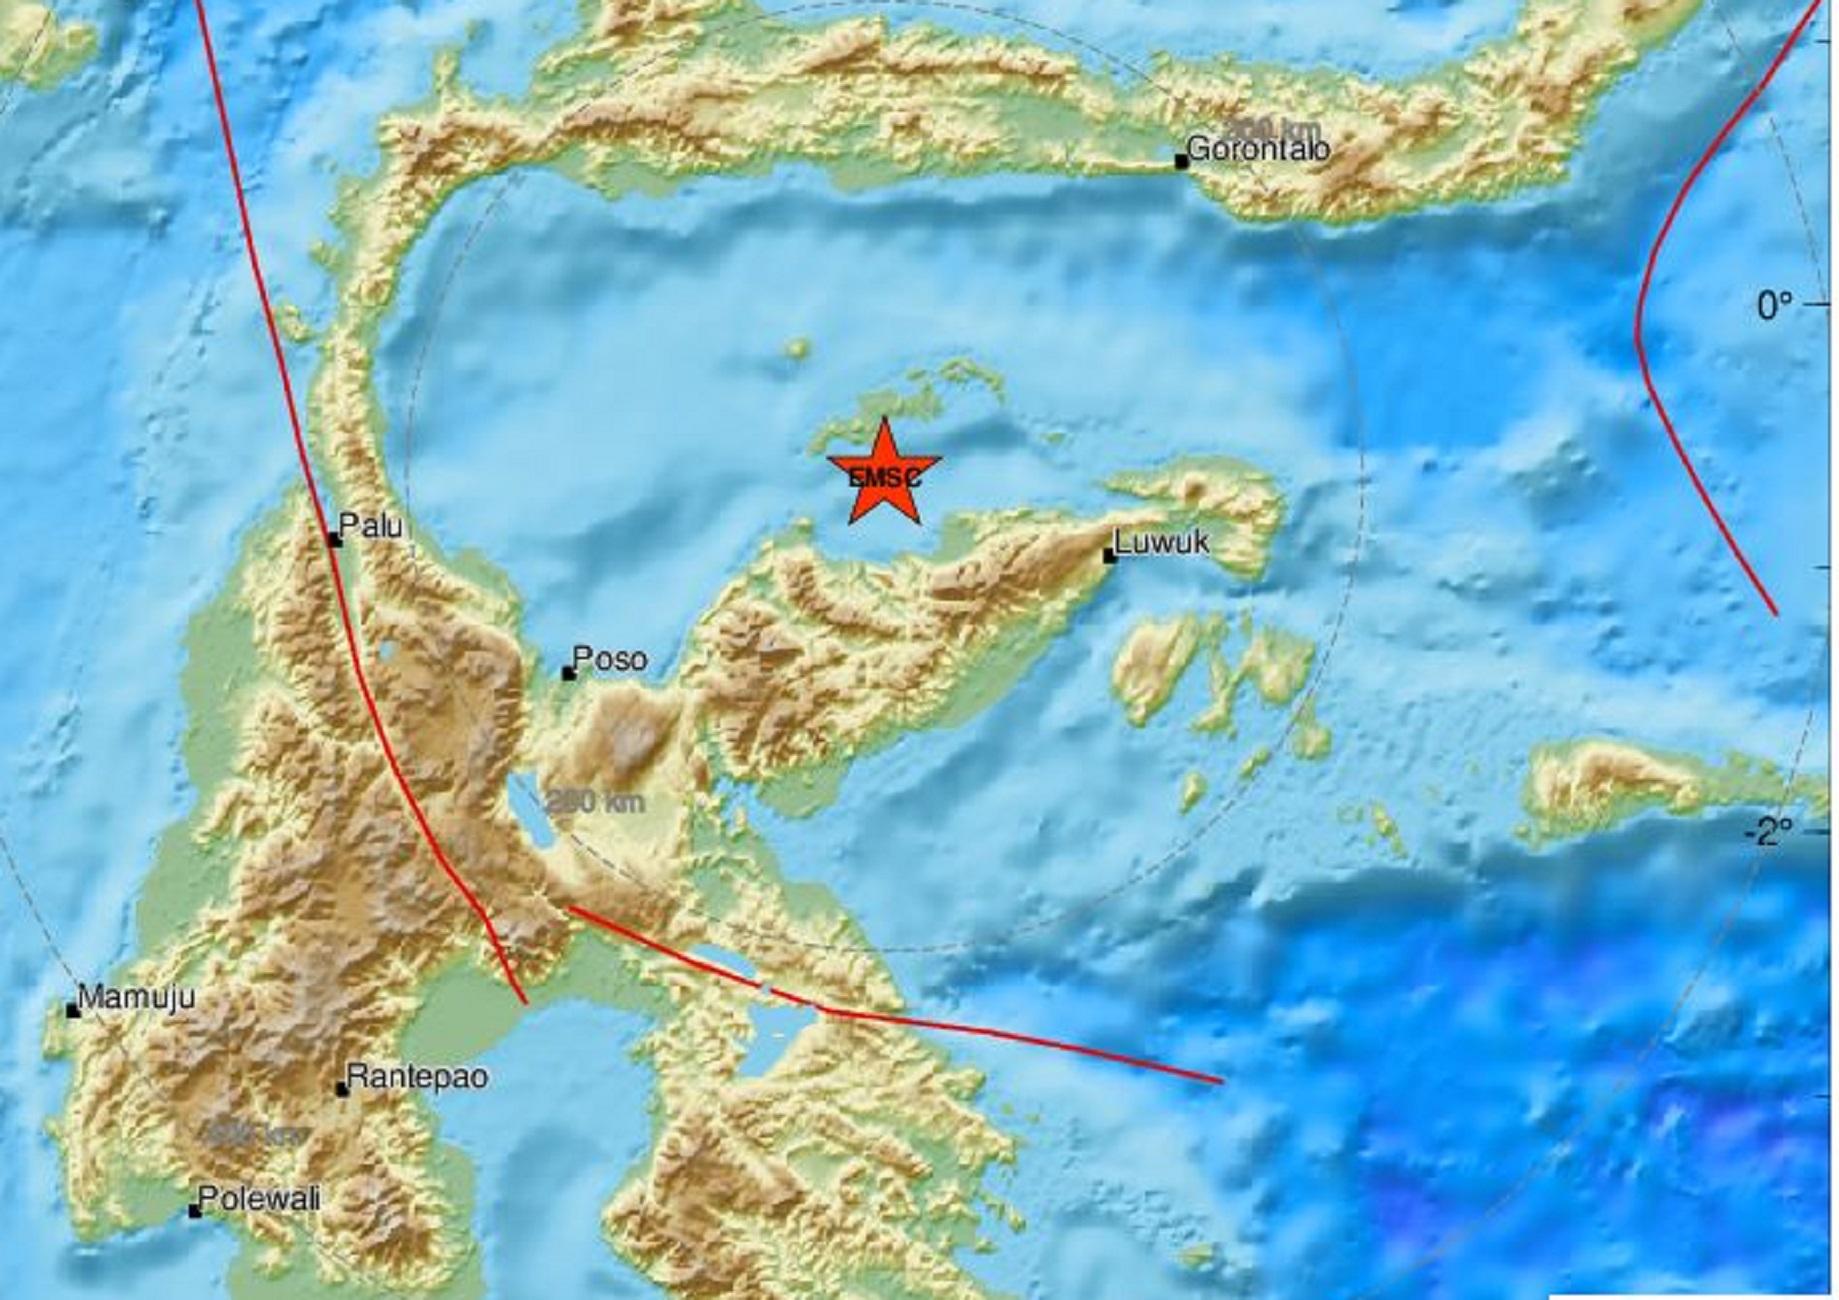 Ινδονησία: Σεισμός 6,3 Ρίχτερ στη νήσο Σουλαουέζι